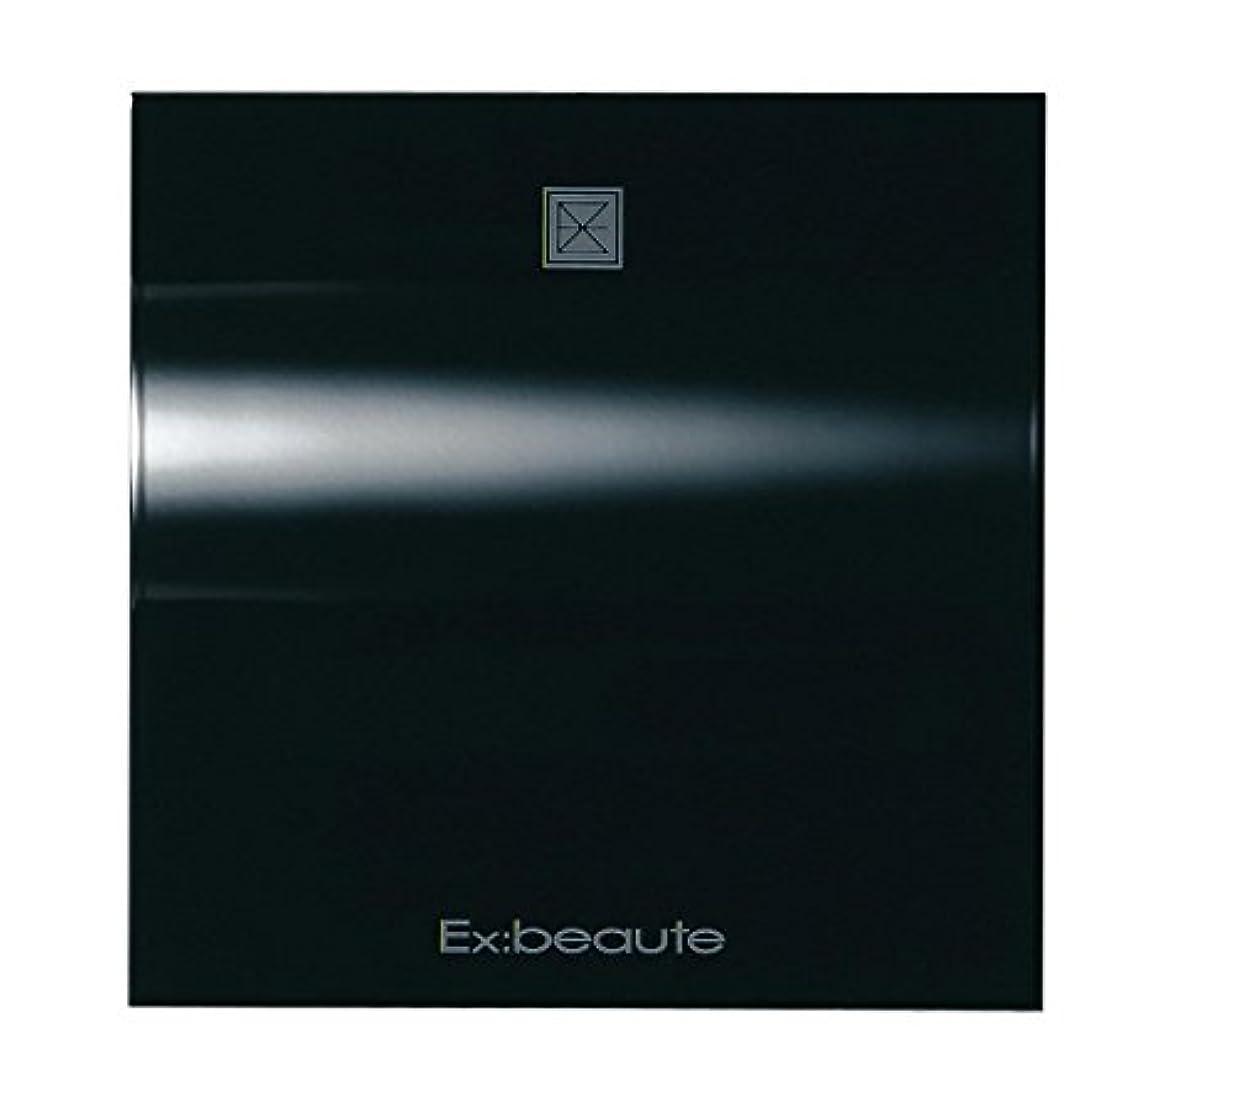 強度写真を撮る海港エクスボーテ エアーラスティングコンパクトケース